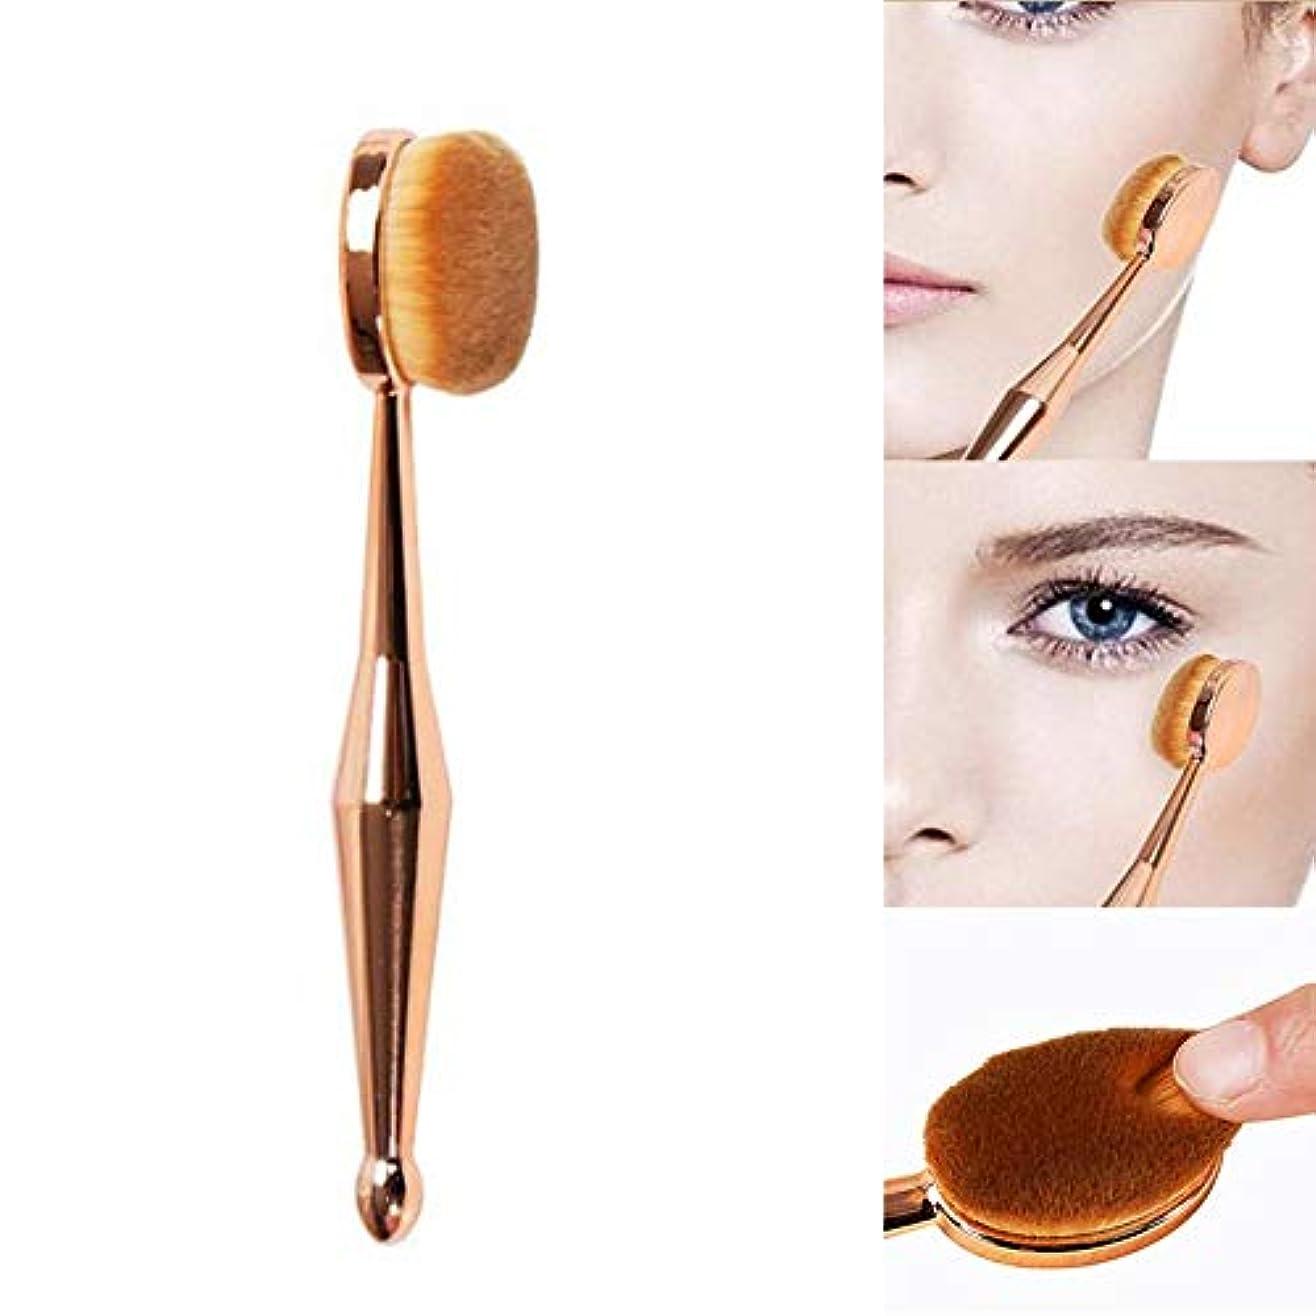 ロイヤリティ繕うサイズ化粧ブラシ 化粧筆 歯ブラシ型メイクブラシ ファンデーションブラシ フェイスブラシ 化粧ブラシ (1枚セット)